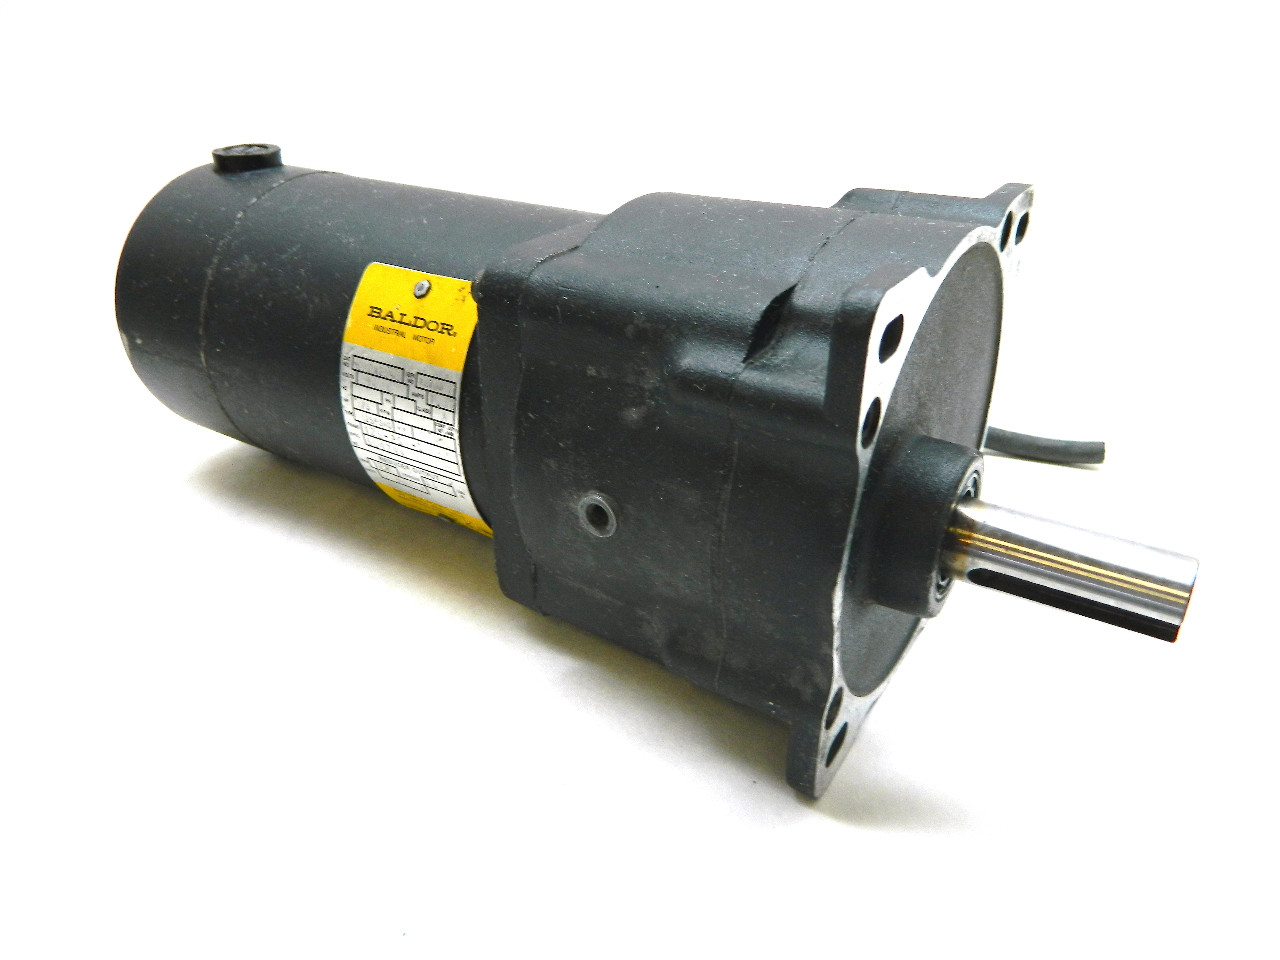 Baldor GPP12543 Parallel Shaft DC Gearmotor 90 Vdc 125 Rpm .13 Hp